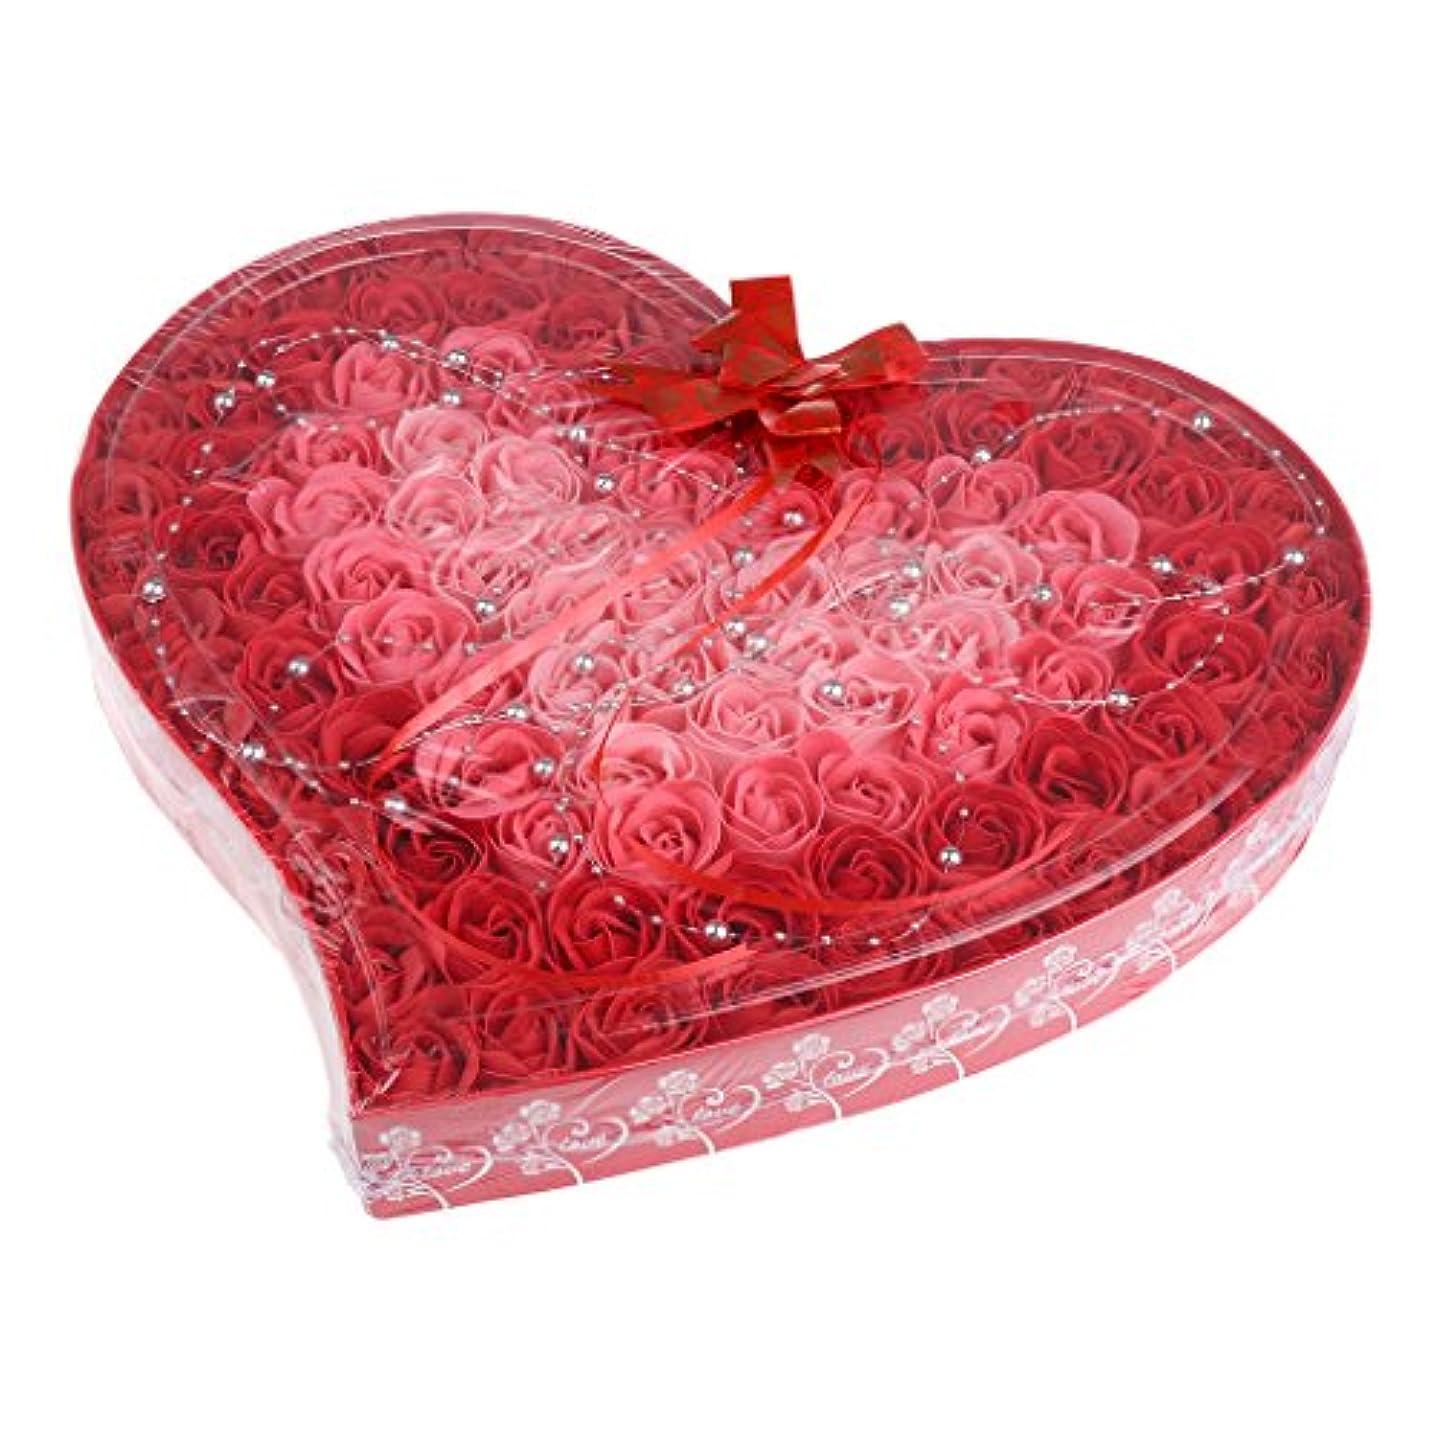 はっきりしないパーツほぼPerfk ソープフラワー 石鹸花  造花 フラワー ギフトボックス  誕生日 母の日 記念日 先生の日 バレンタインデー プレゼント 全4色選べる - 赤